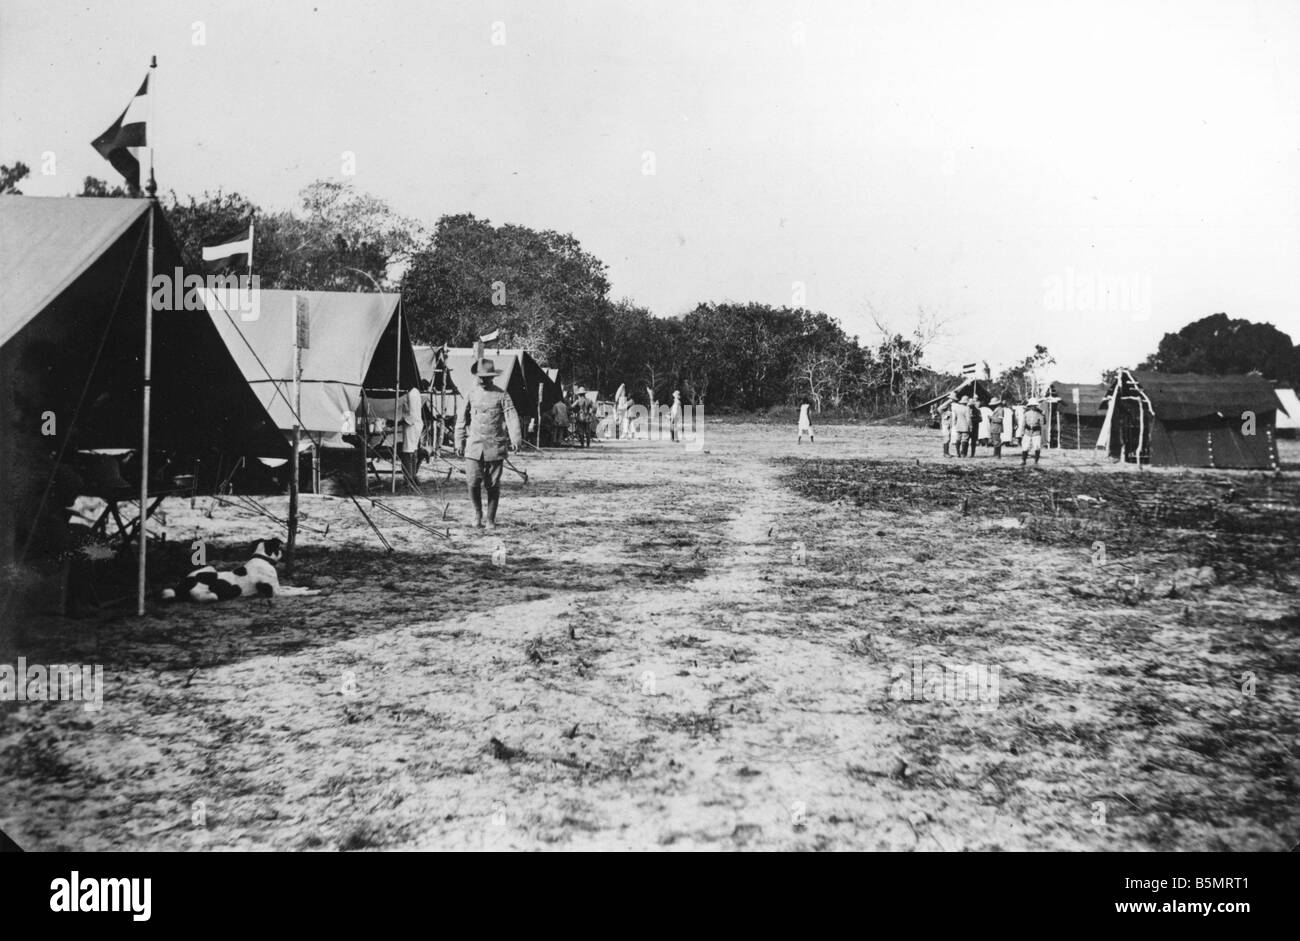 9AF 1914 A1 3 0 0 camp de l'armée coloniale, l'Afrique orientale allemande Première Guerre mondiale La guerre dans les colonies de l'Afrique de l'Est Tanzanie aujourd'hui allemand German Banque D'Images